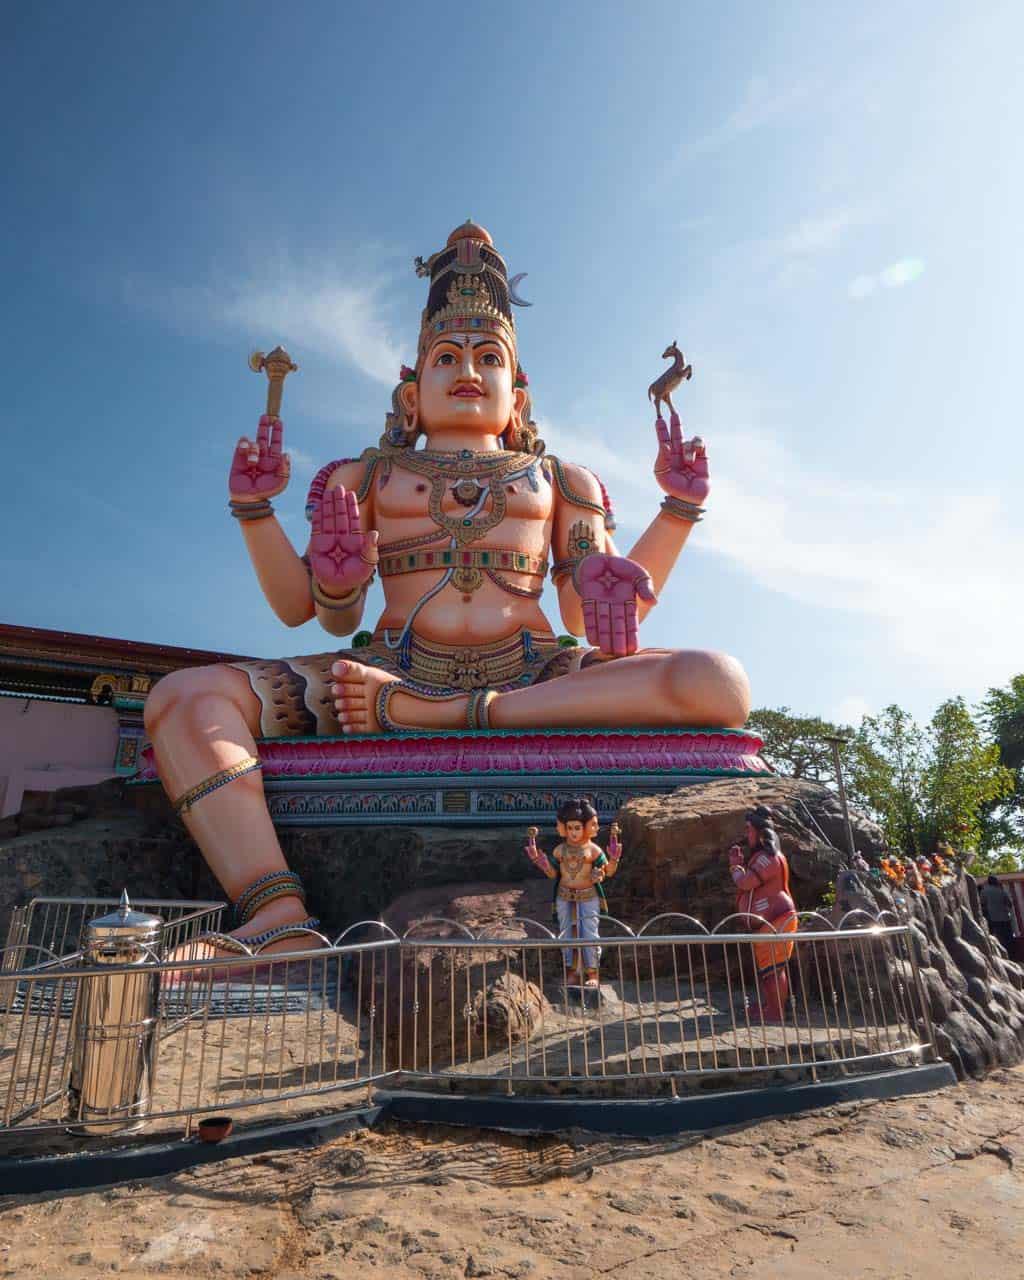 Thirukkoneswaram-Kovil-statue-Trincomalee